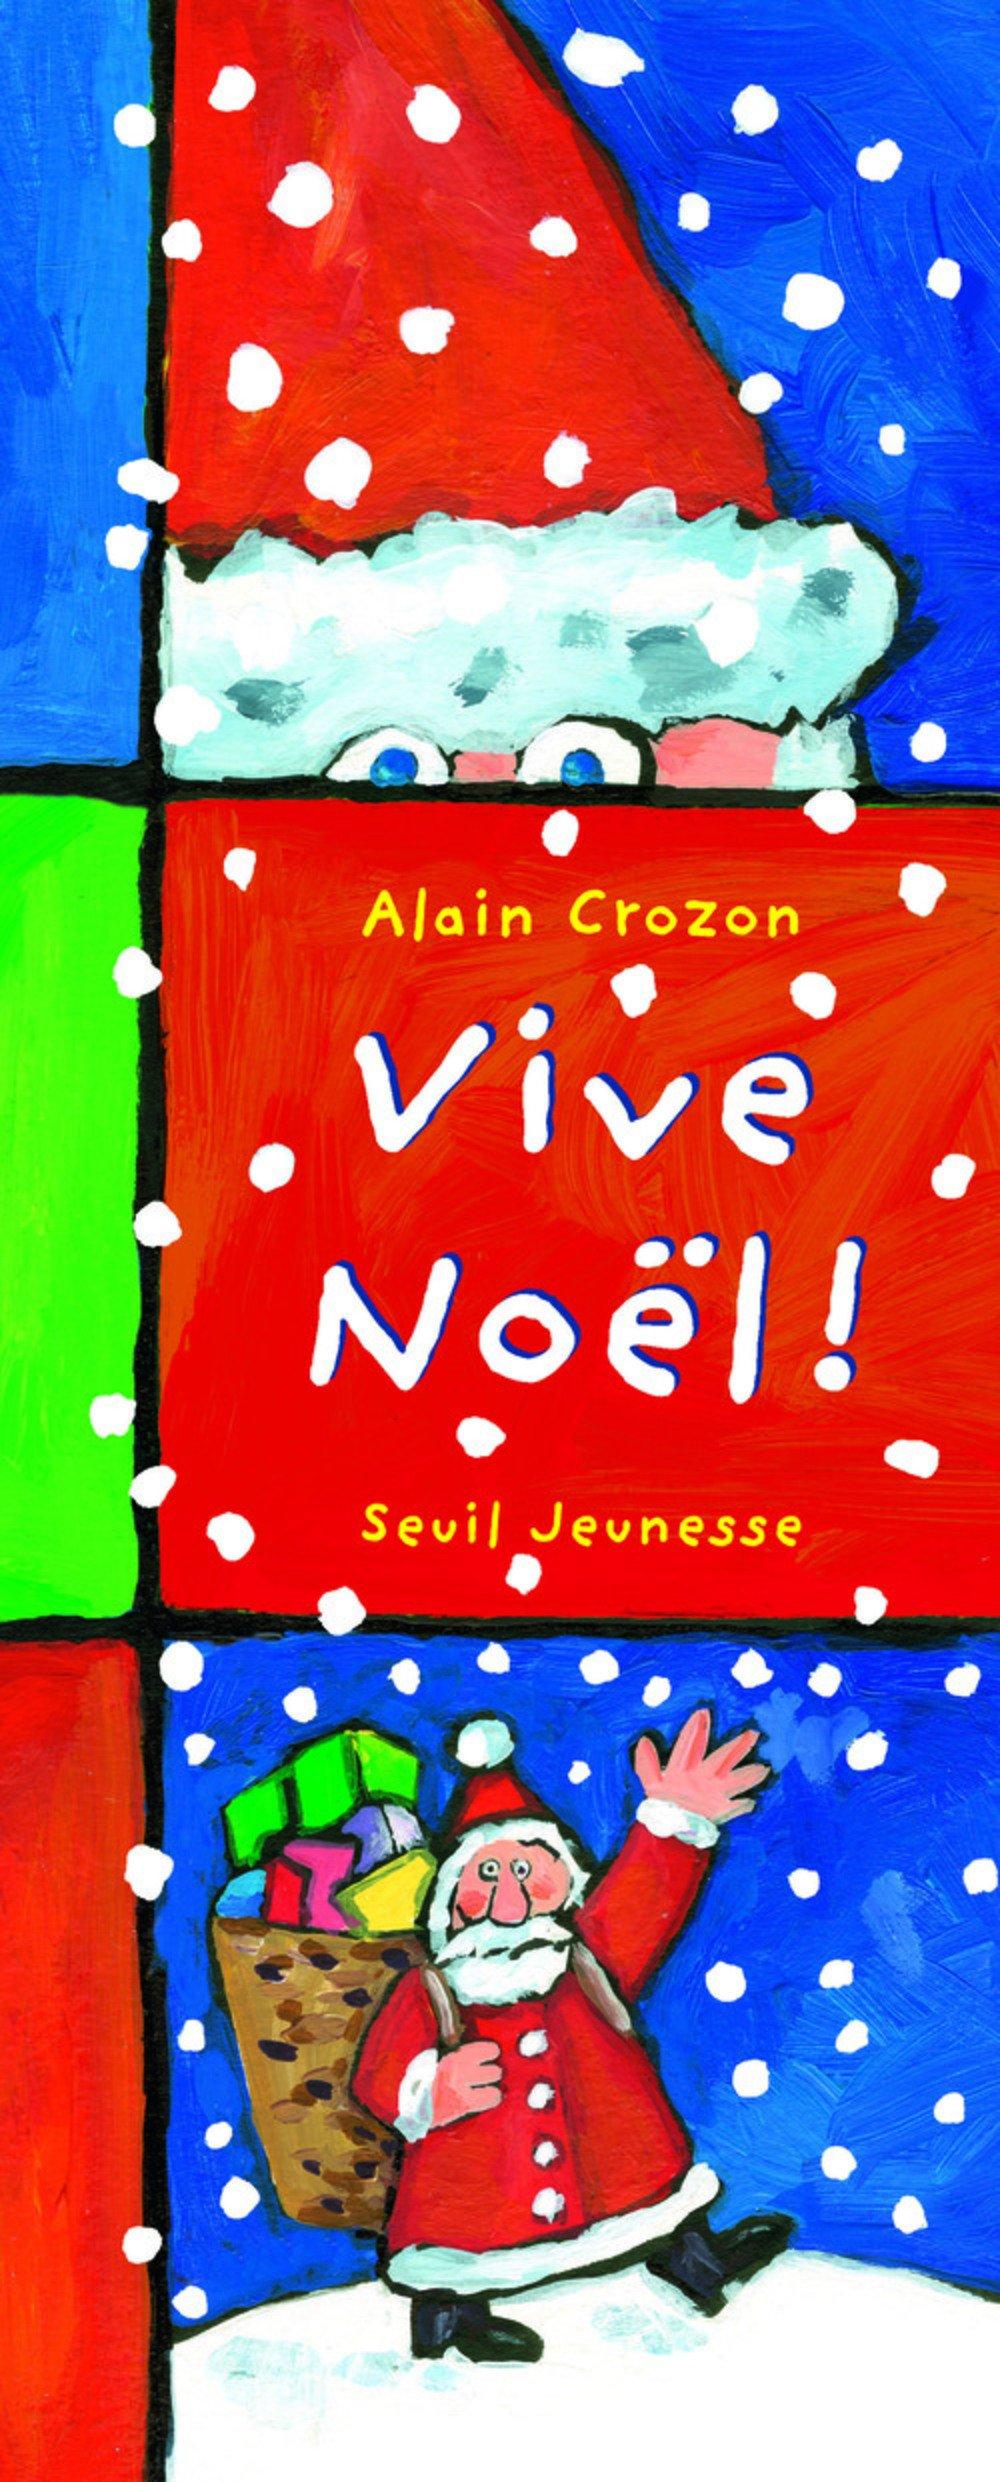 vive noel Index of /wp content/uploads/2014/12 vive noel